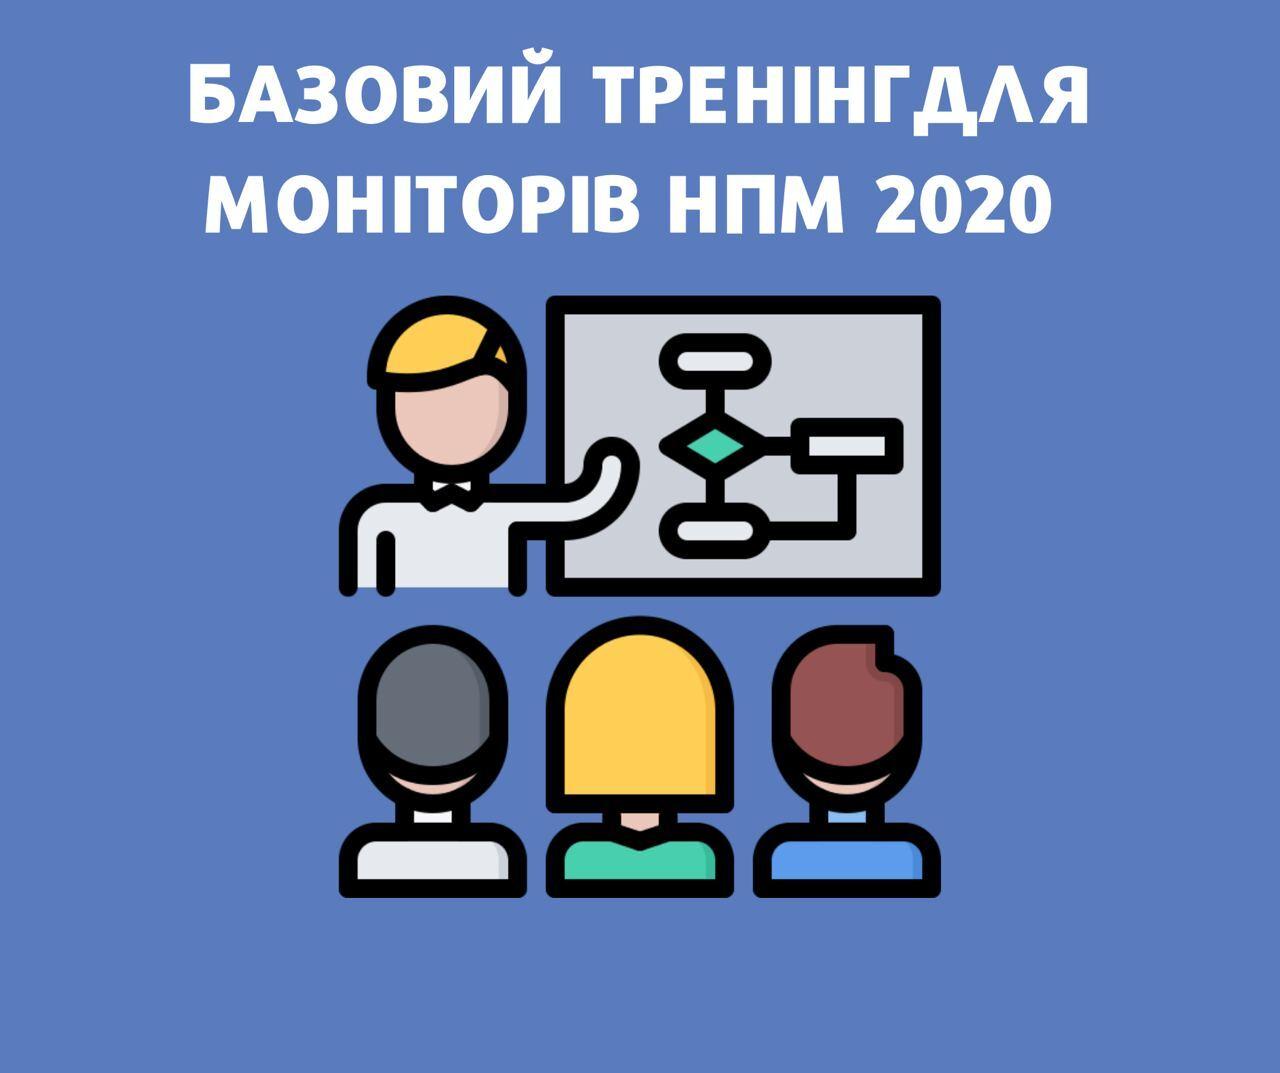 БАЗОВИЙ ТРЕНІНГ ДЛЯ МОНІТОРІВ НПМ 2020